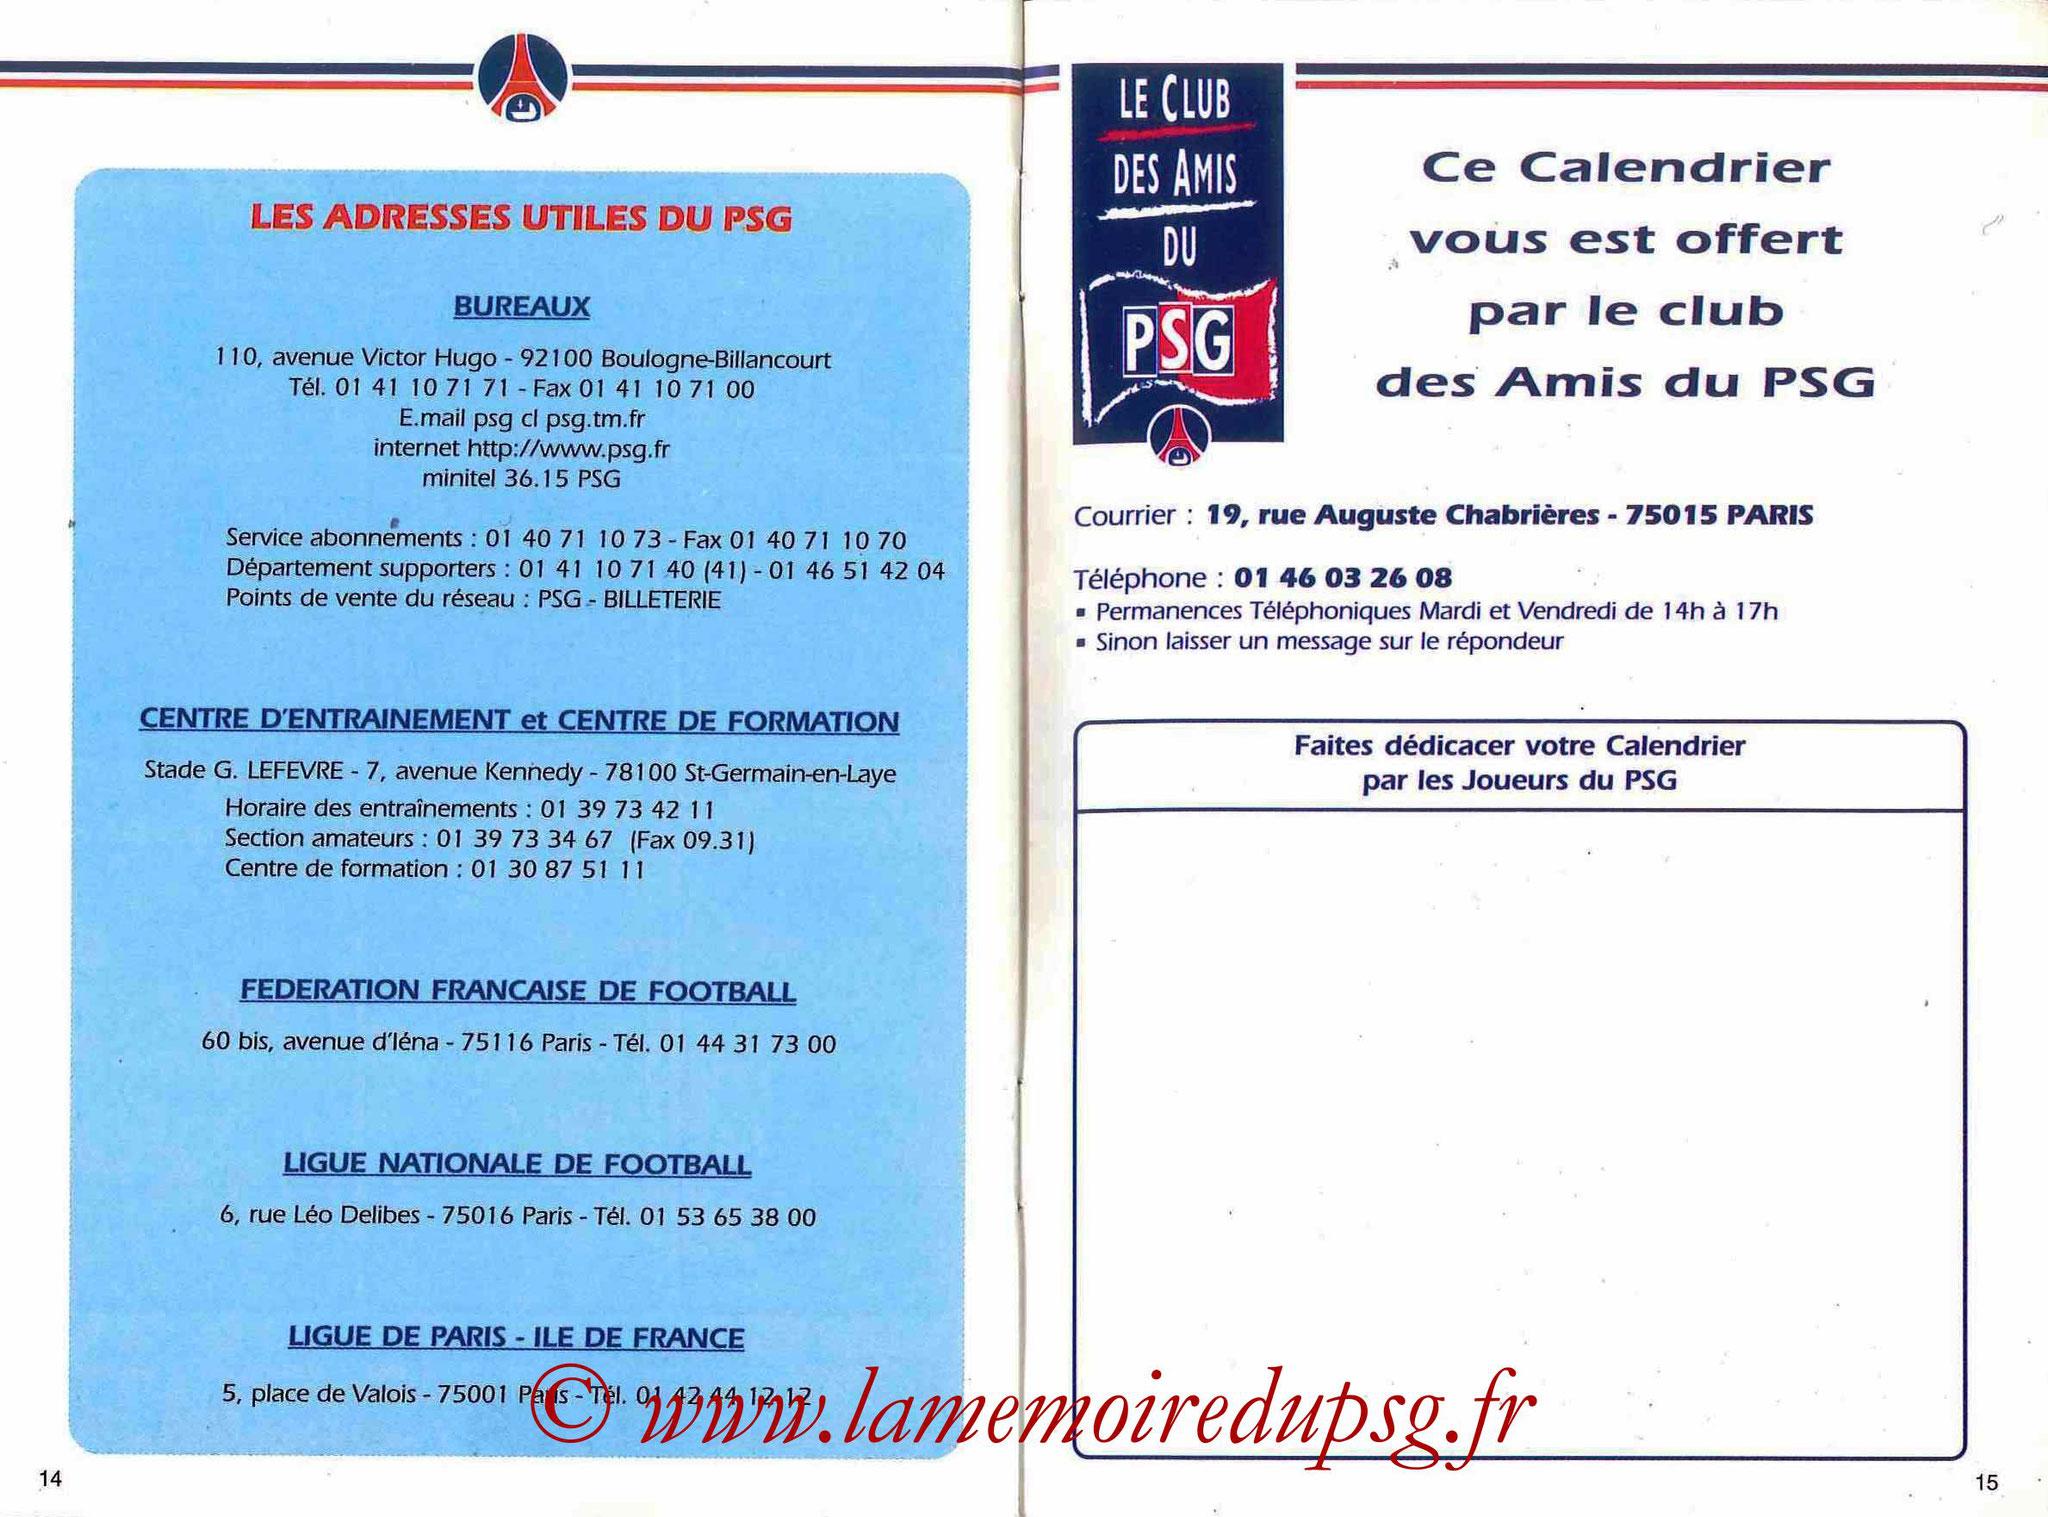 1999-00 - Guide de la Saison PSG - Pages 14 et 15